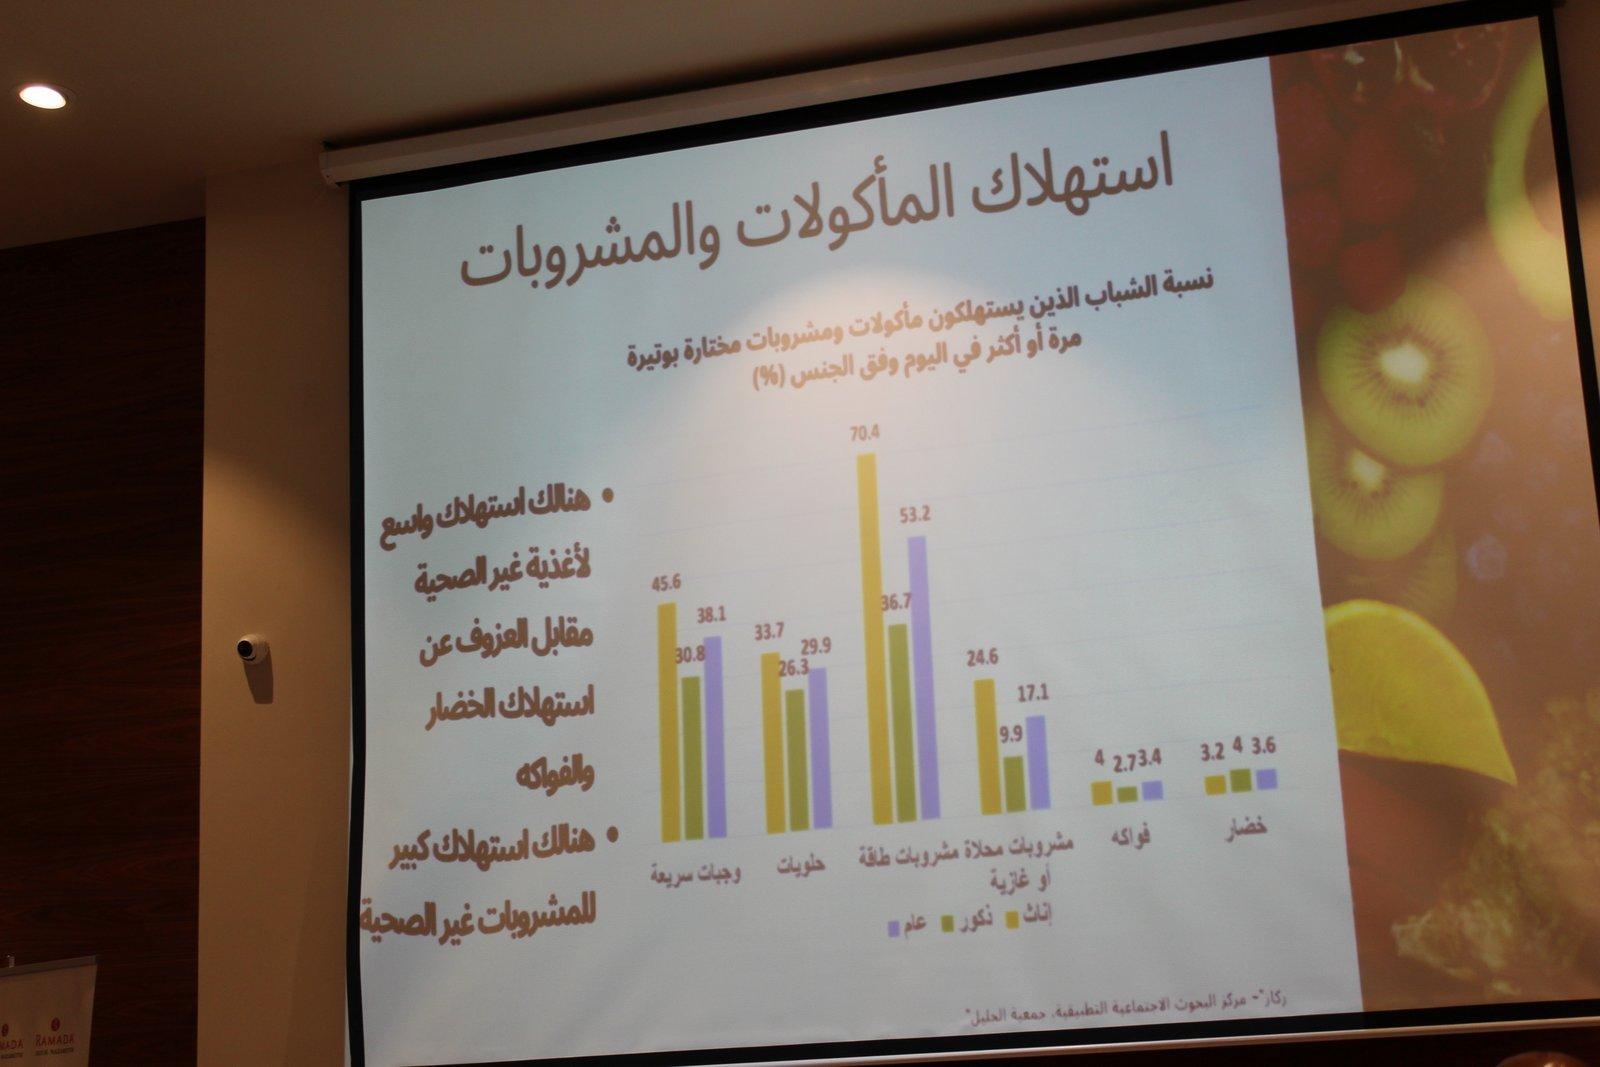 61.1% من الأسر العربية دخلها تحت المعدل العام-0